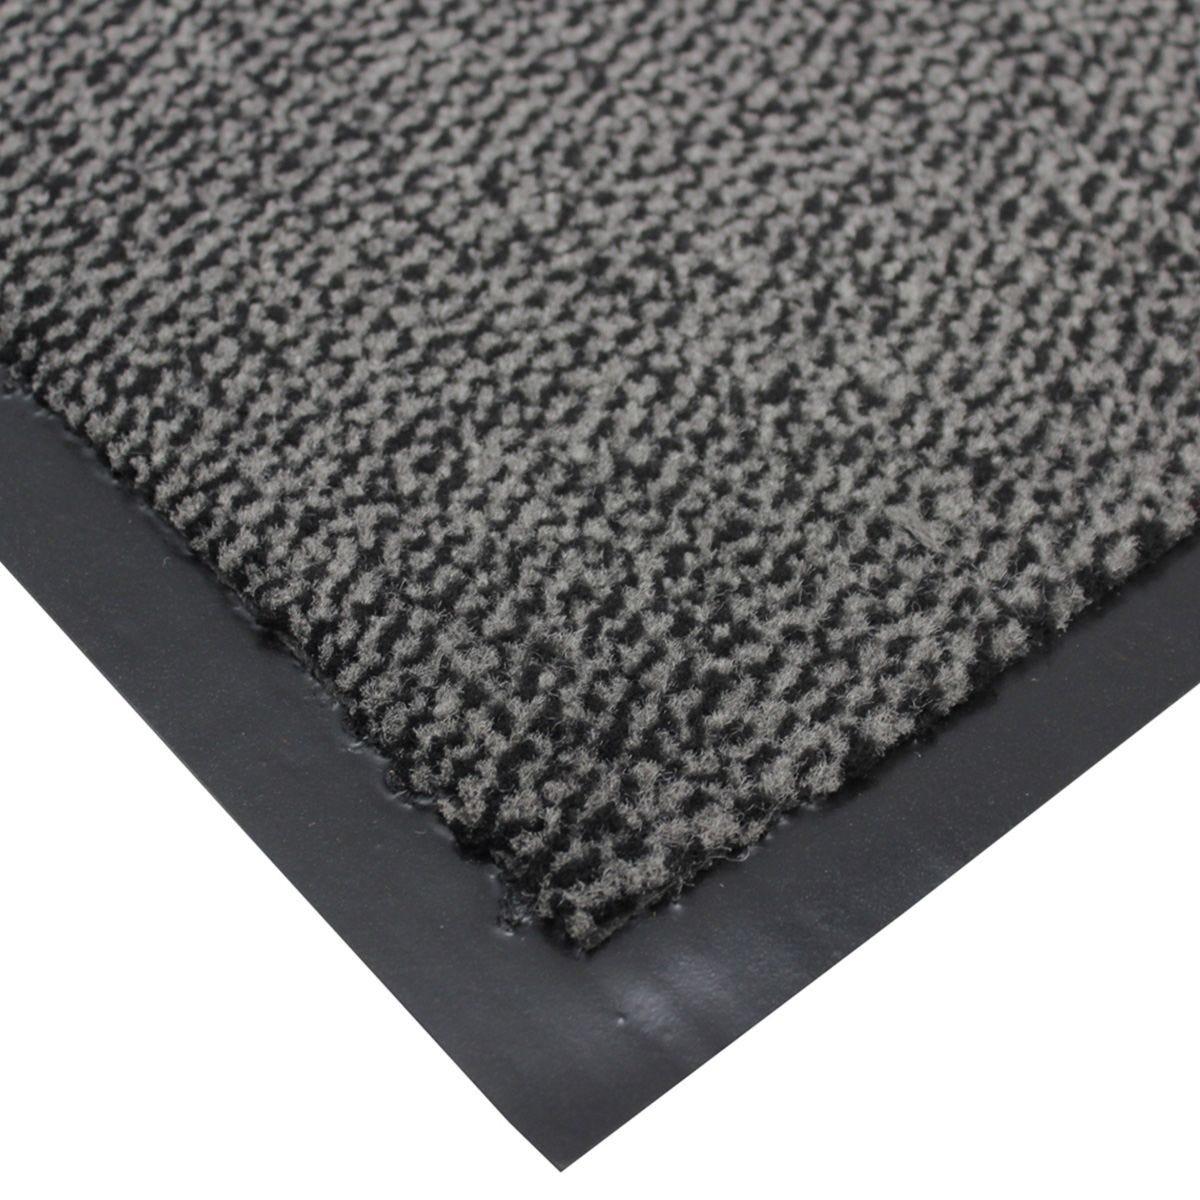 JVL Heavy Duty Commodore Backed Barrier Door Floor Mat Green/Black 60 x 80 cm